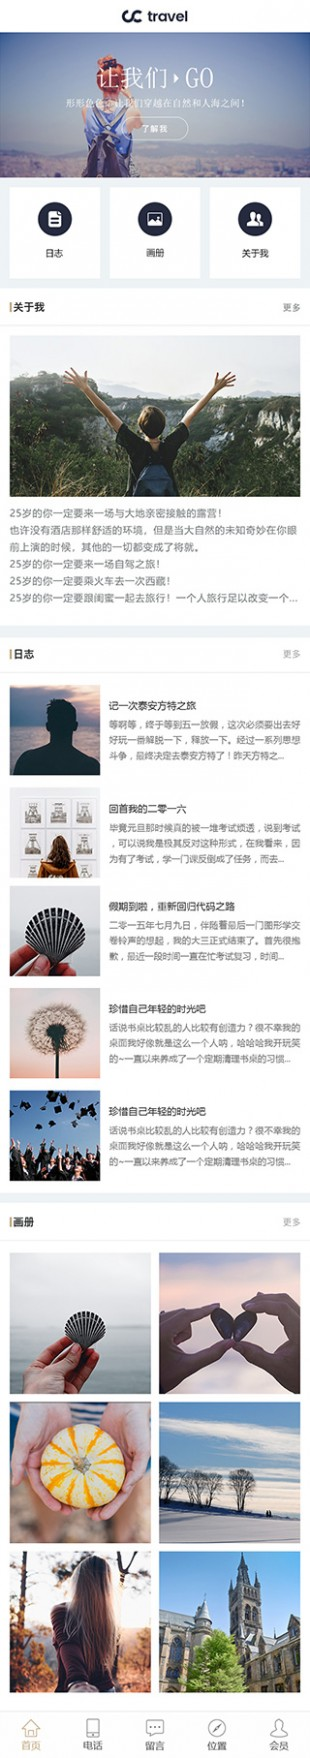 摄影博客网站建设模板手机图片